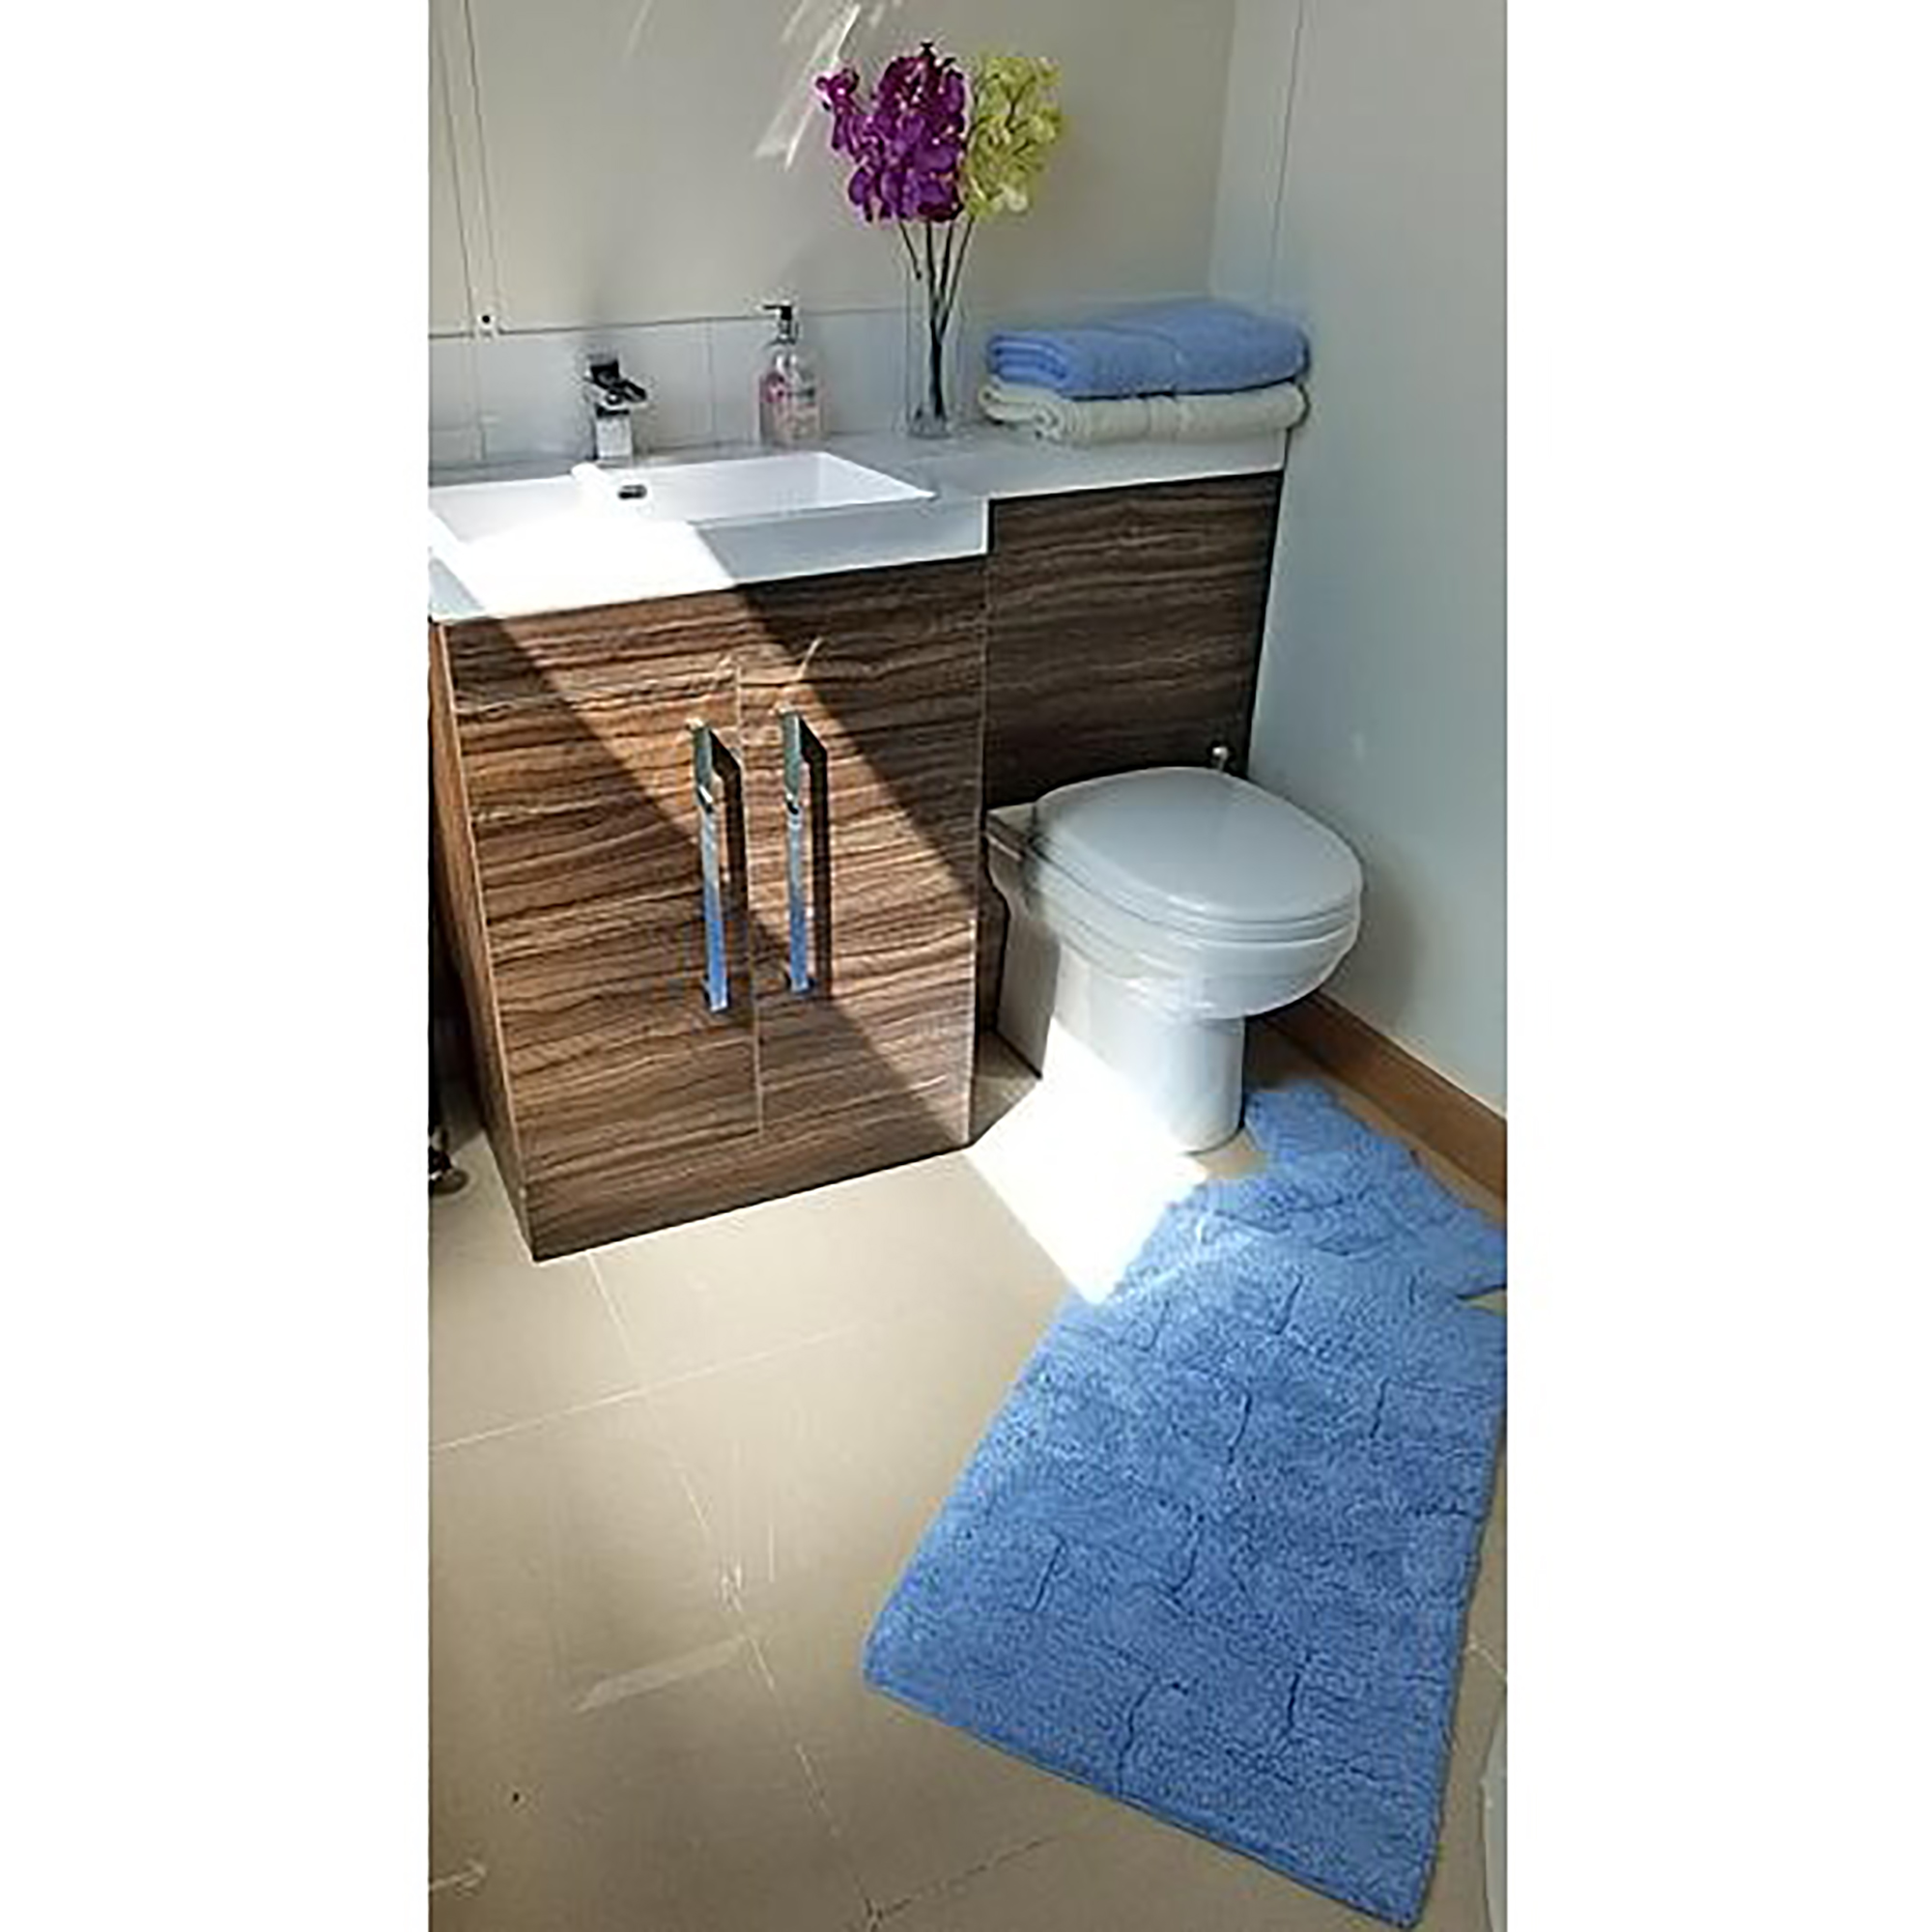 Tappeti bagno su misura latest shopinland tappeti bagno bianco collezione liberty shoppinland - Tappeti bagno su misura ...